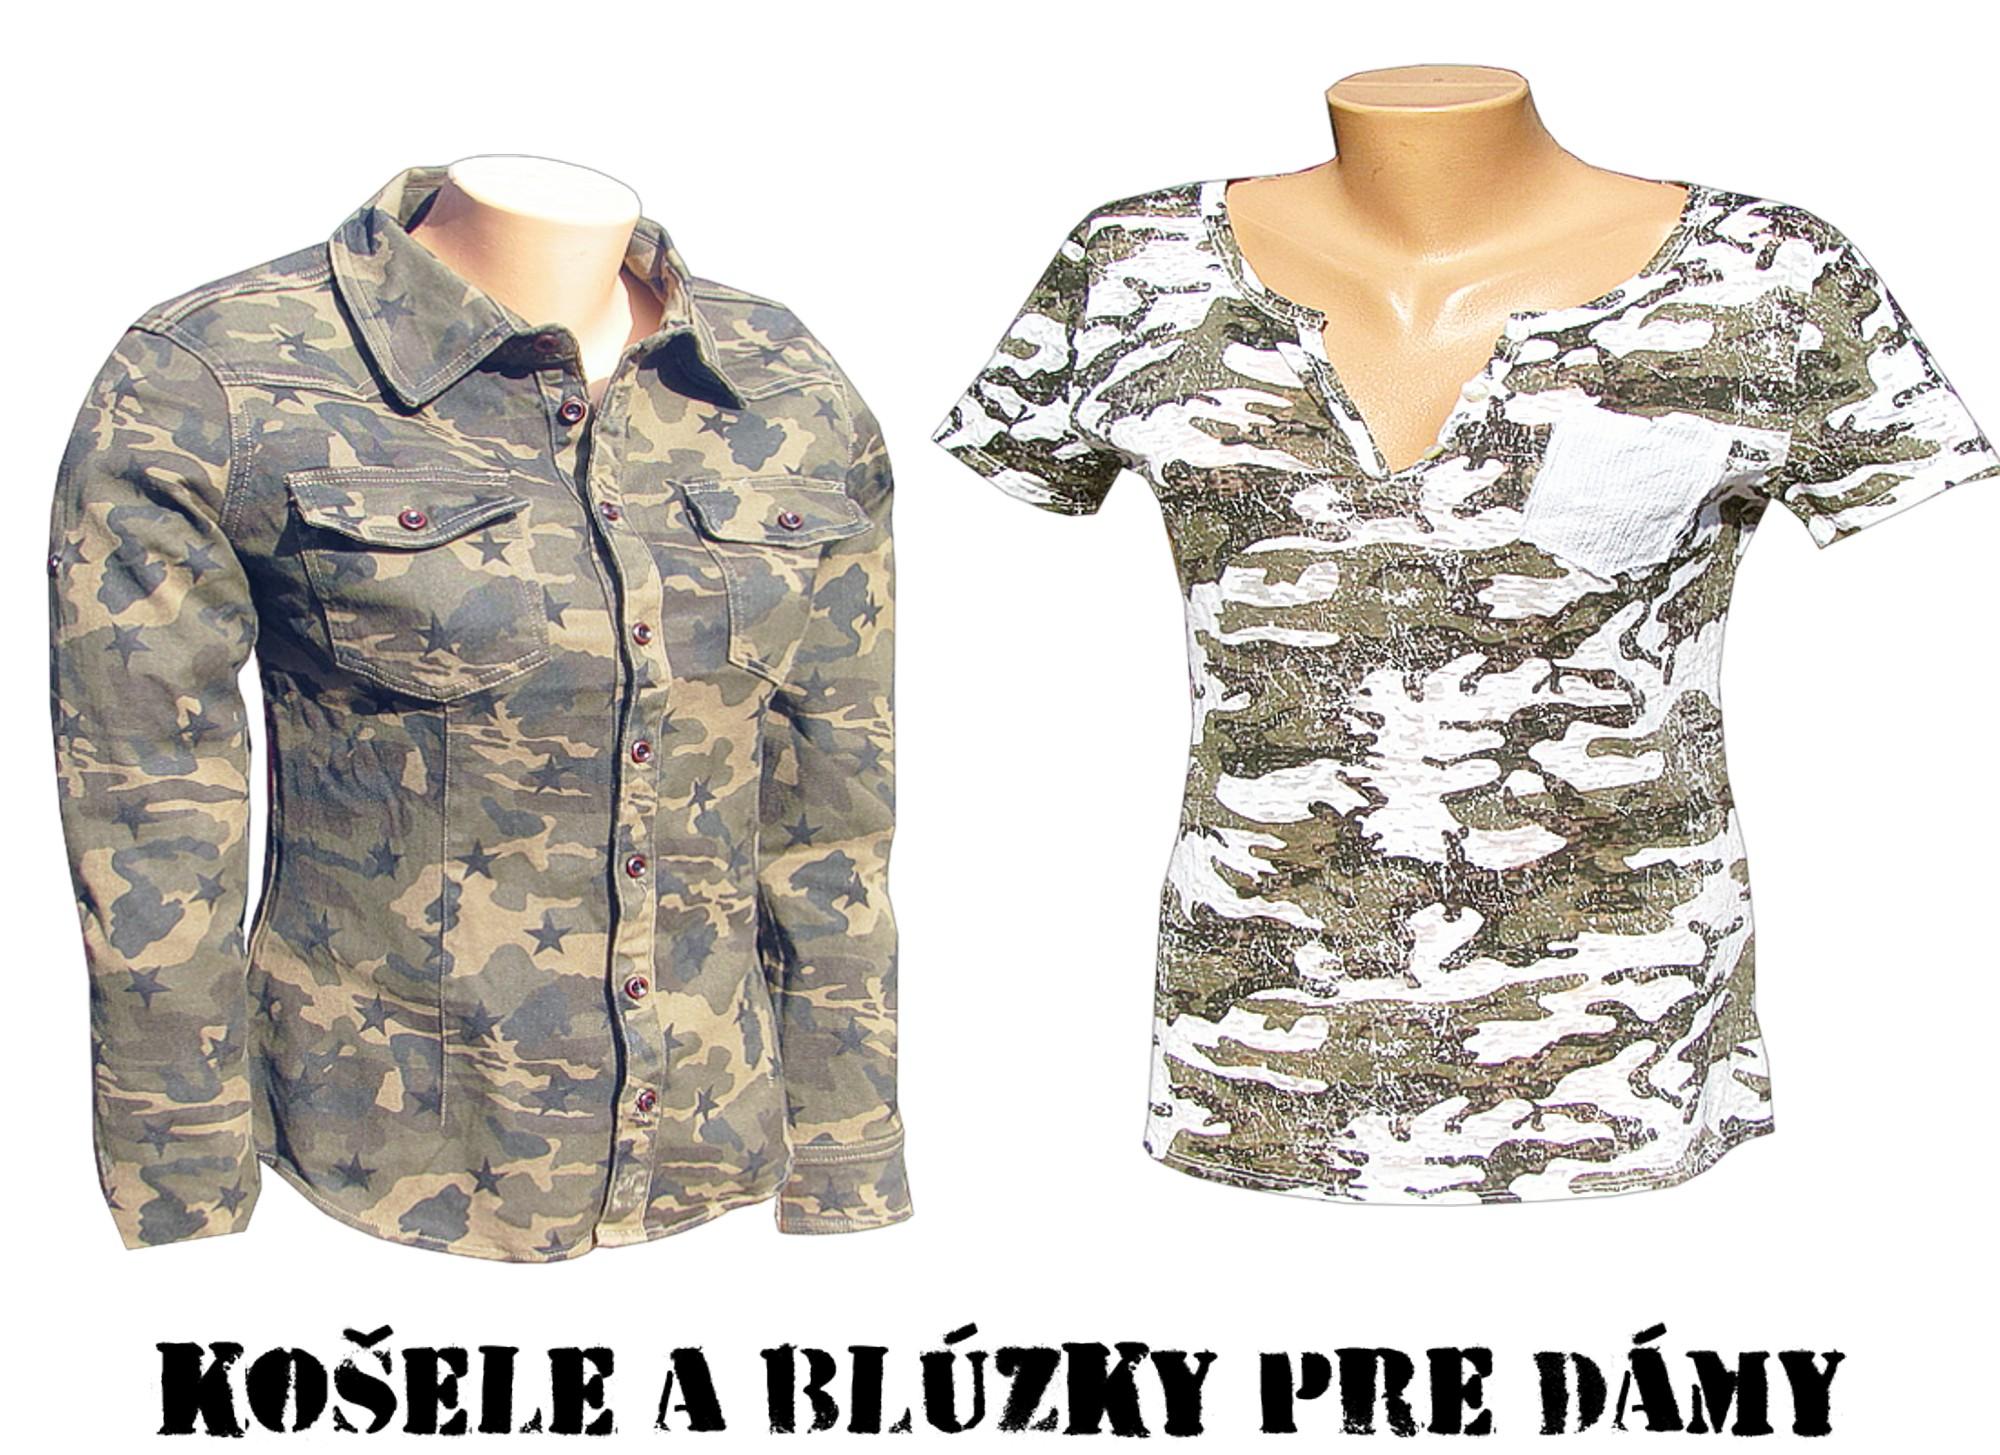 82c4d2b02 Dámske blúzky a maskáčové košele z armyshopu nitra do 24.ooh u vás